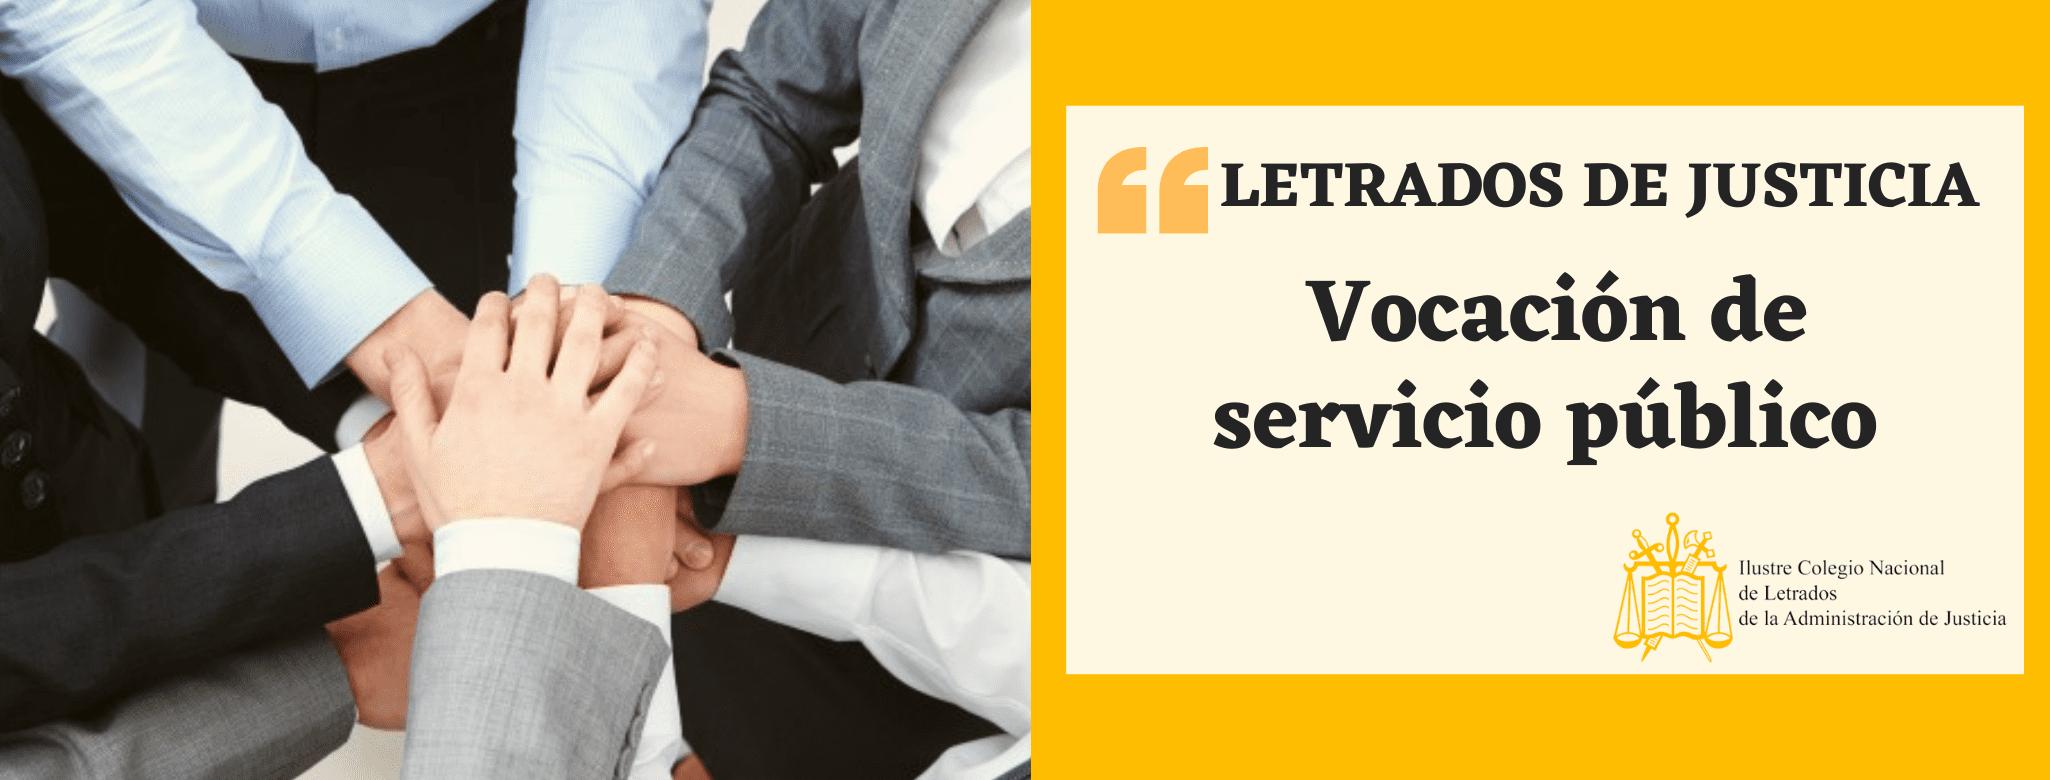 Letrados de Justicia Vocación de servicio público